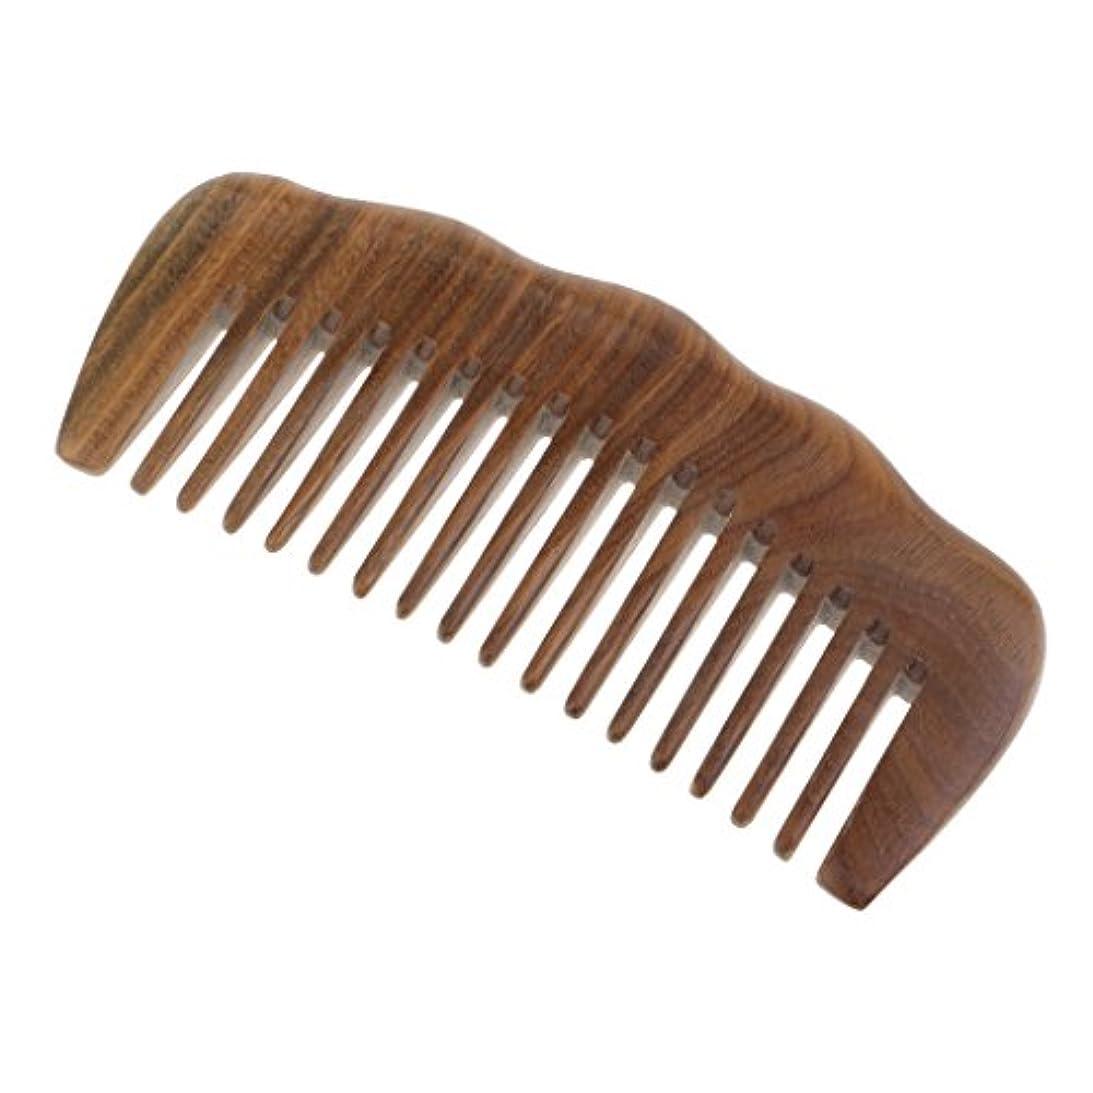 敬ブルゴーニュ確認してくださいToygogo 緑のサンダルウッドの毛の櫛-巻き毛のための広い歯の木製のもつれの櫛-静的な自然な香りの木材の櫛